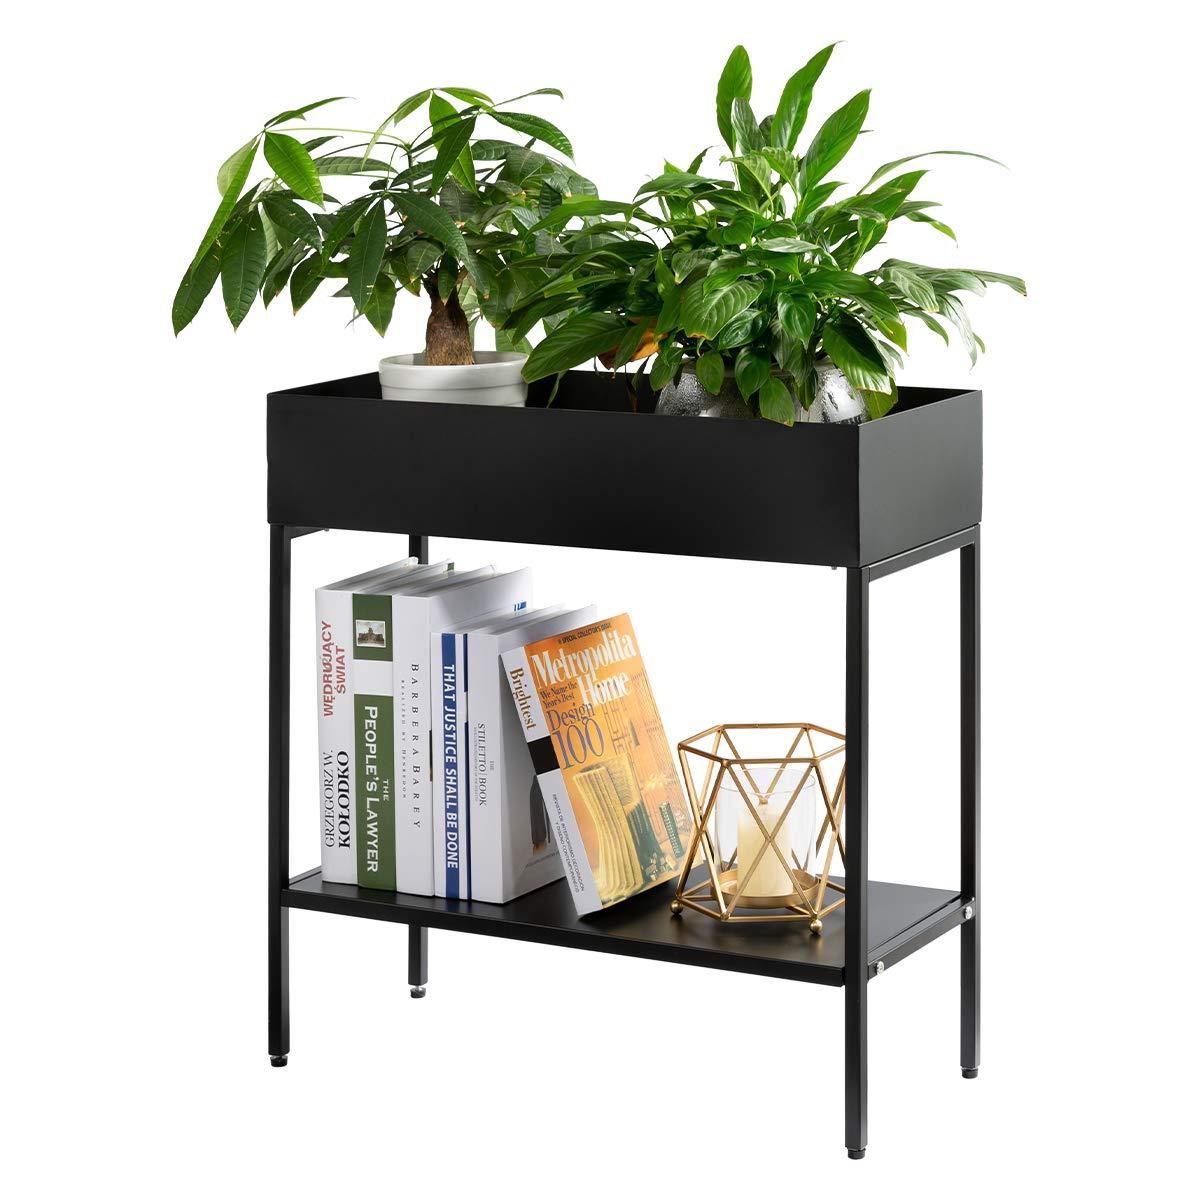 AGTEK 2-Tier Garden Planter Flower Box Stand, Iron Flower Pot Holder Rack, Black Planter Garden Container Display by AGTEK